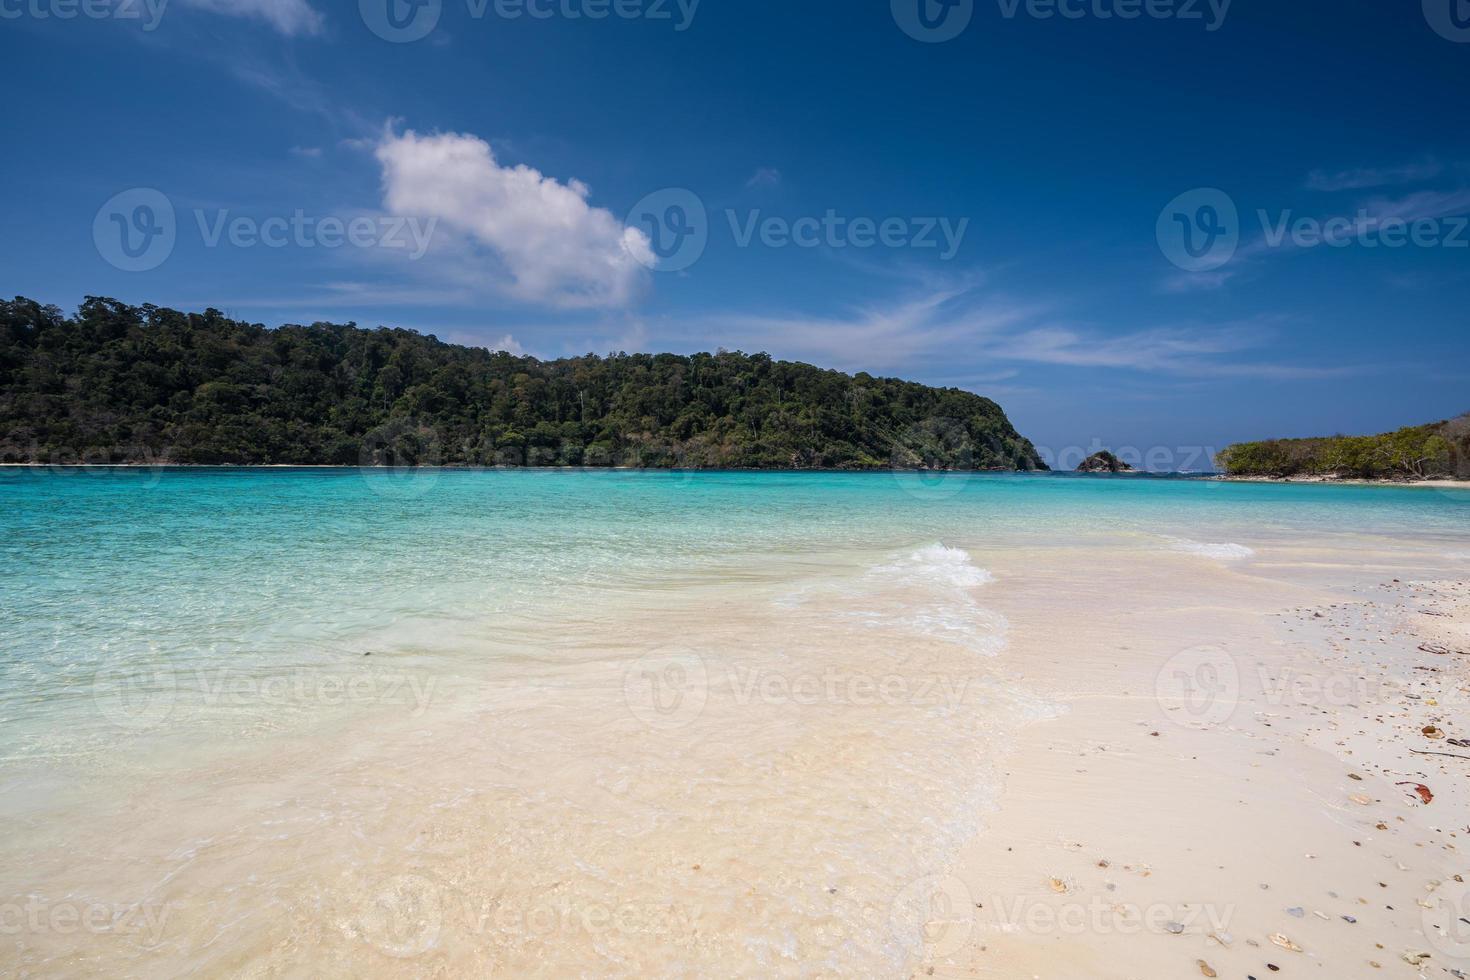 praia de areia branca com água azul foto